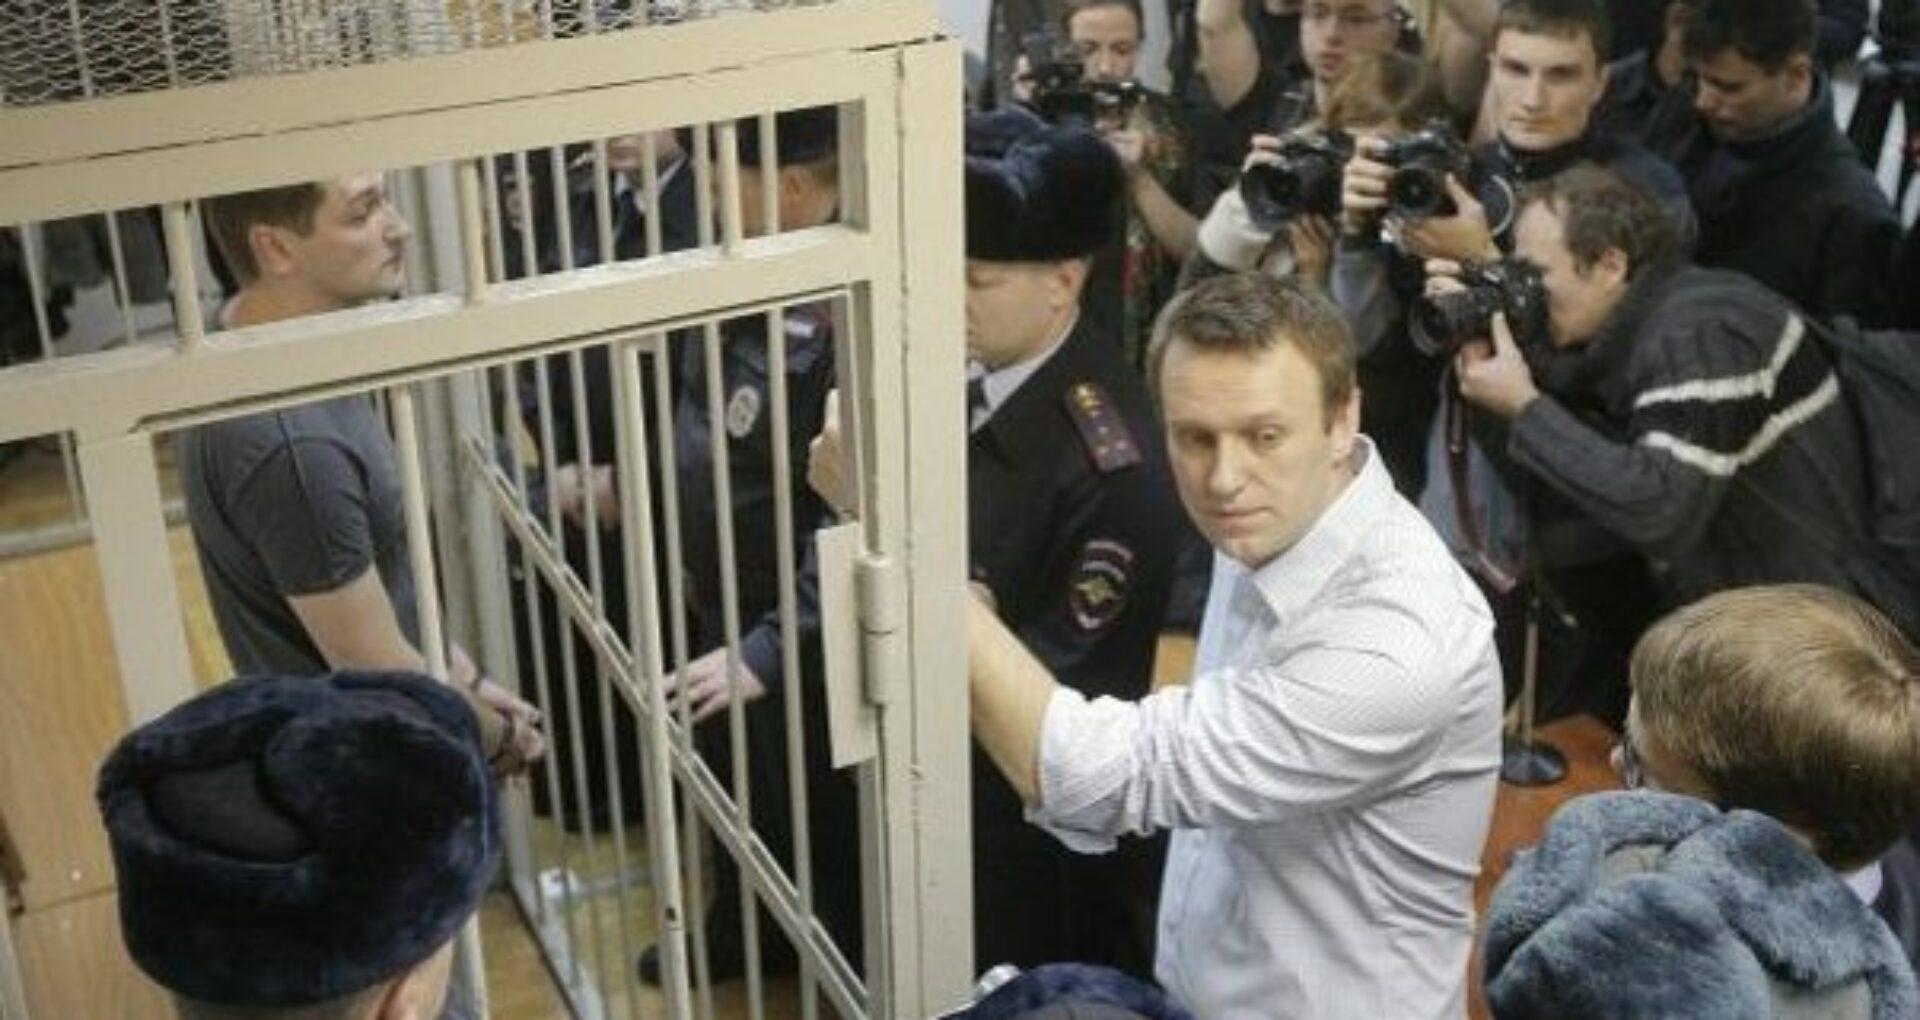 Alexei Navalny ar fi fost otrăvit. Opozantul rus este internat la reanimare într-un spital din Omsk